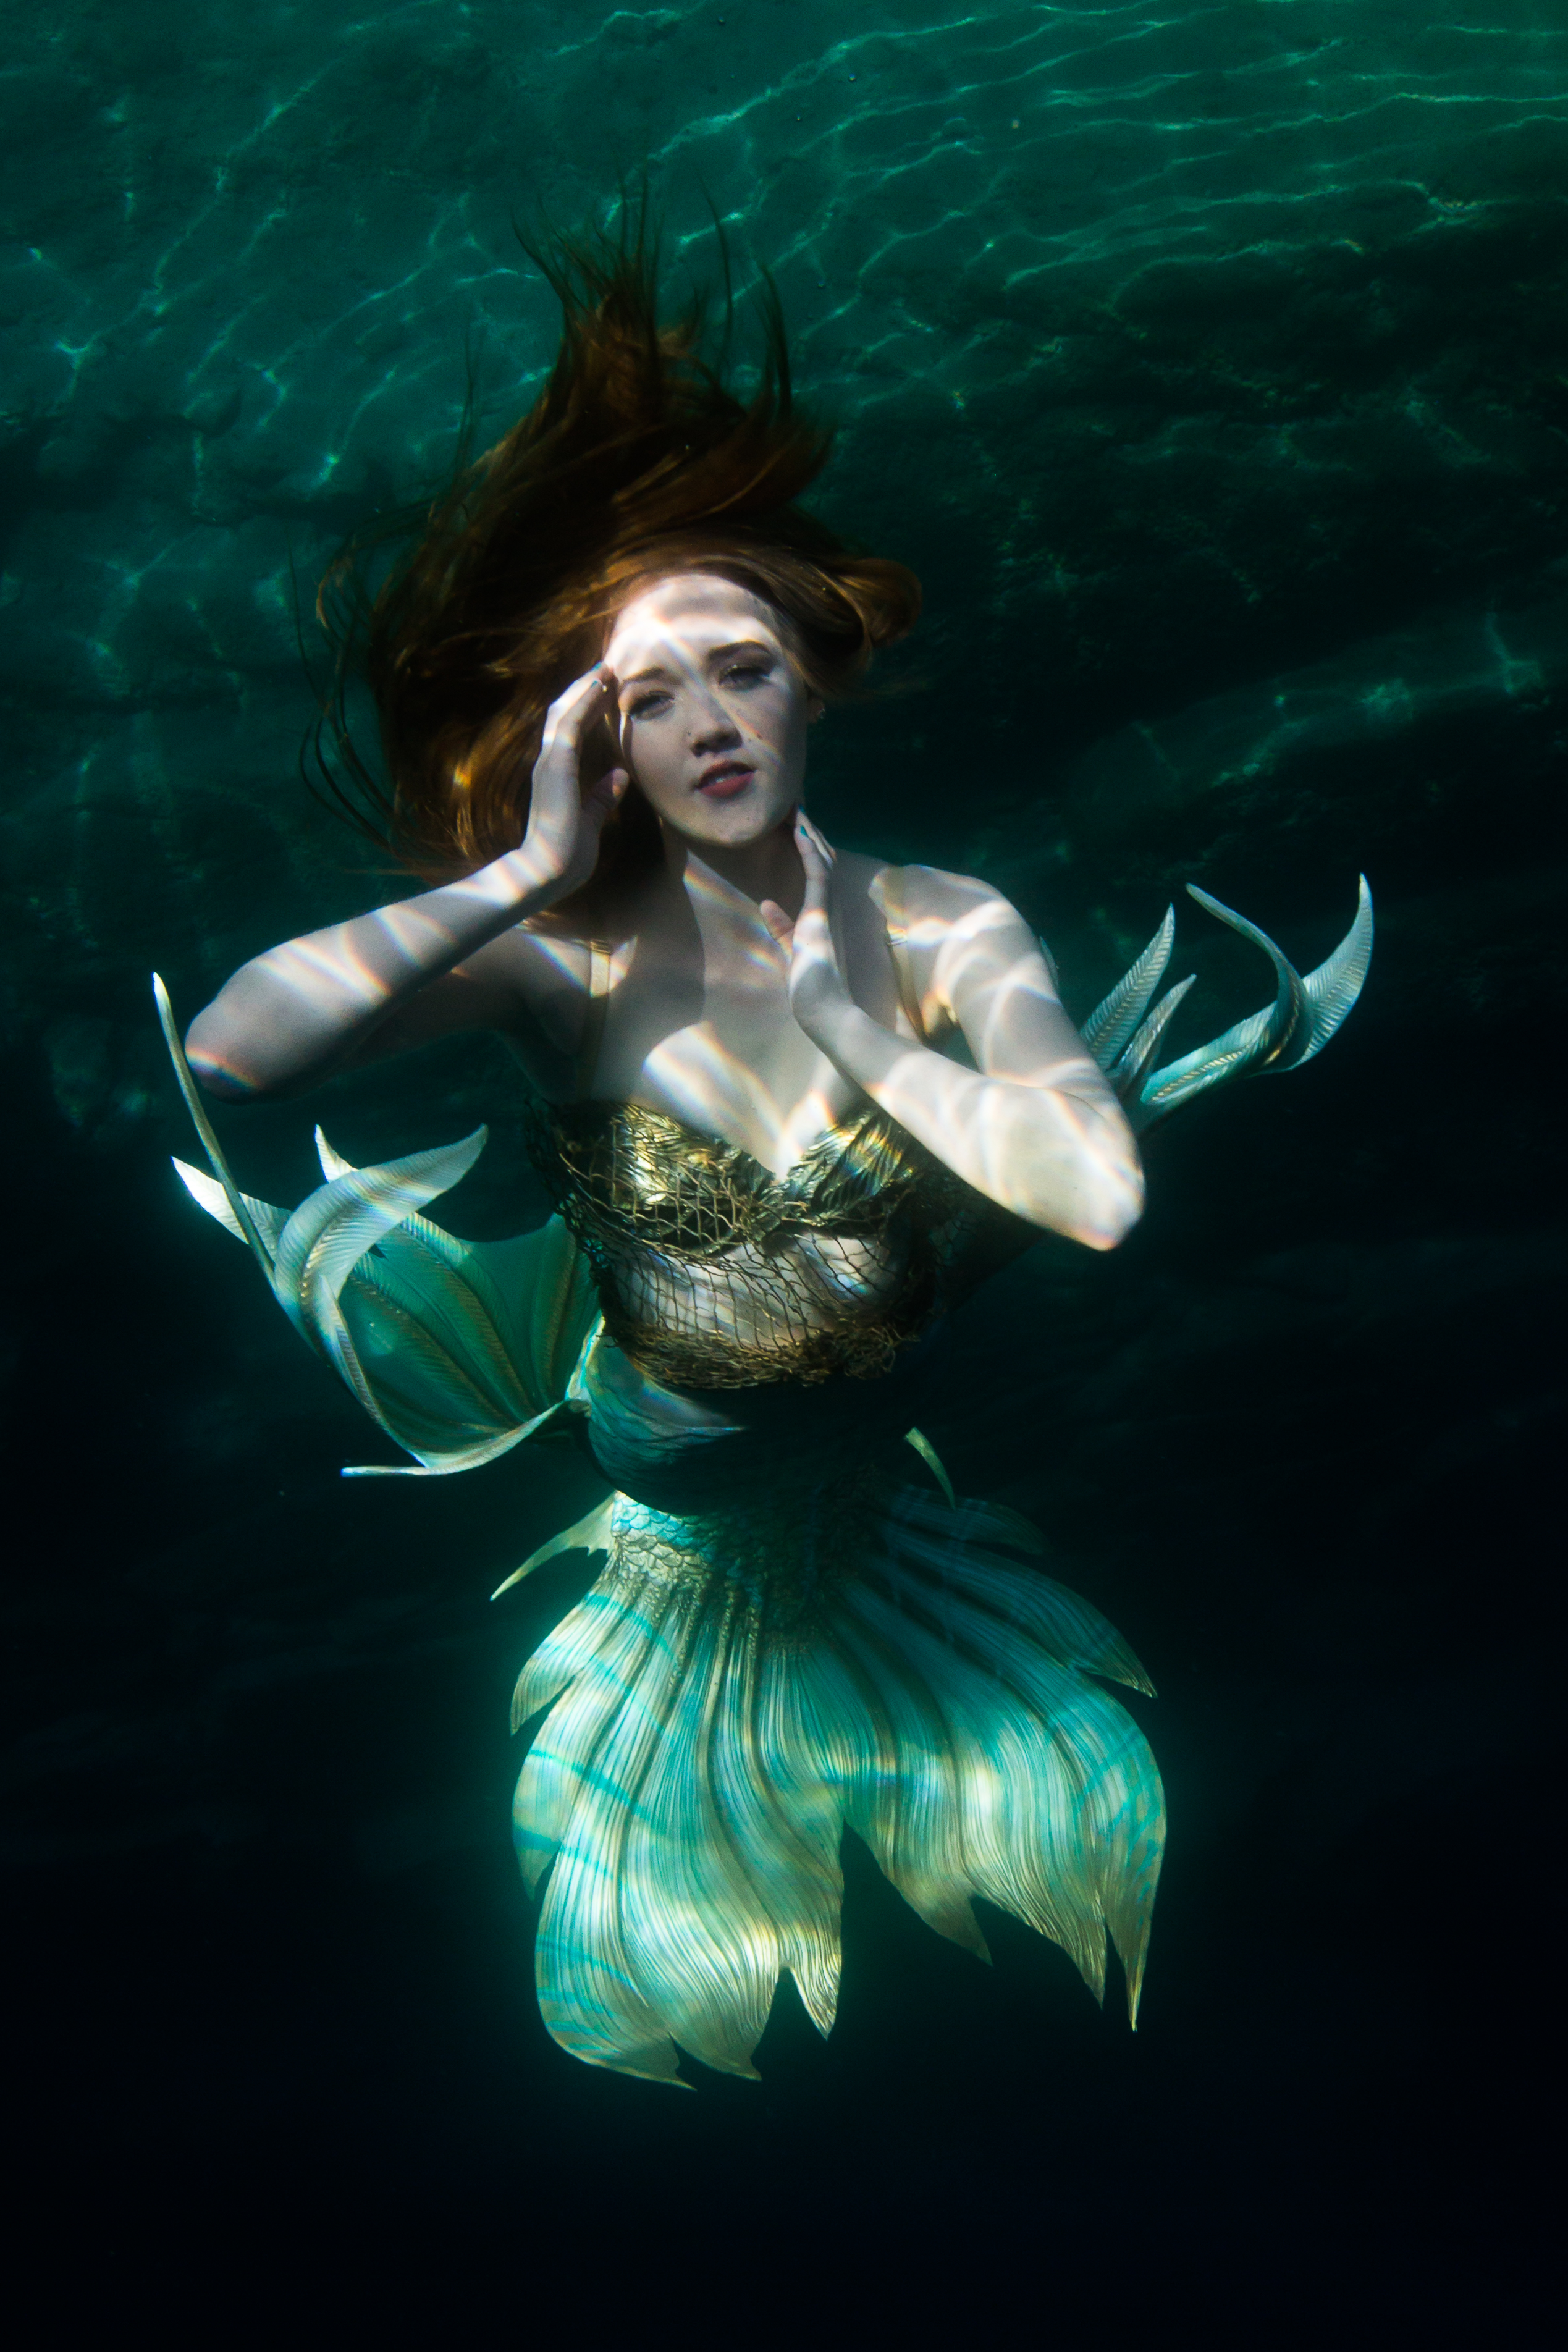 Mermaid Quinn